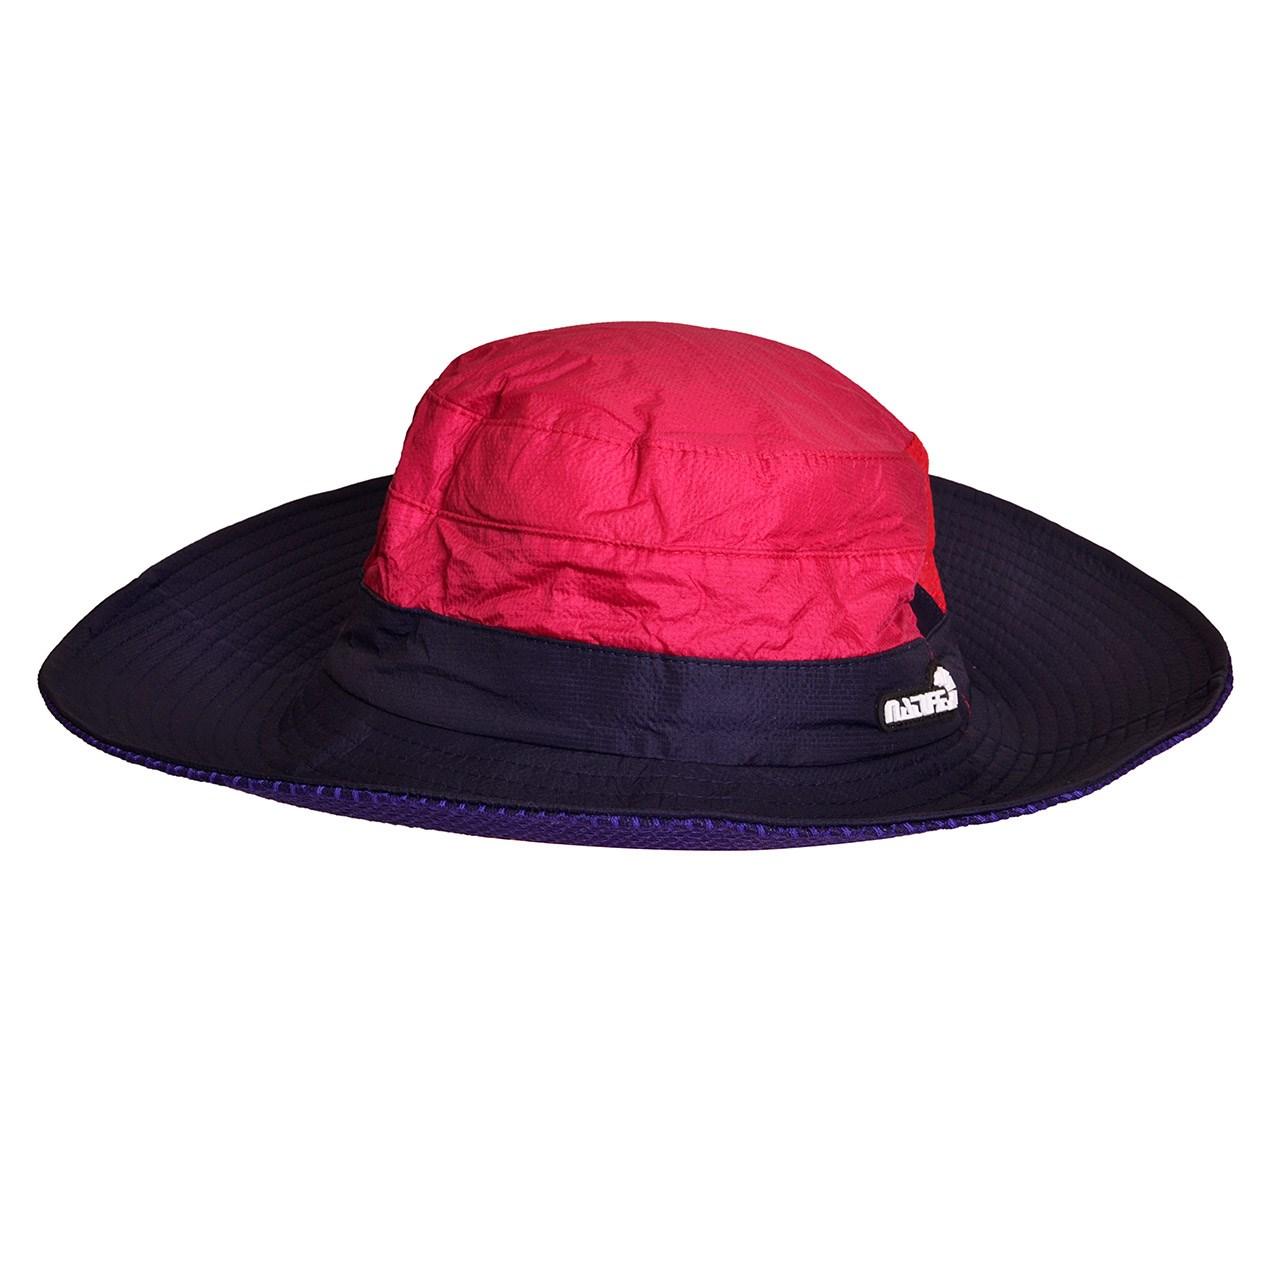 کلاه آفتابگیر رجینال مدل Skill